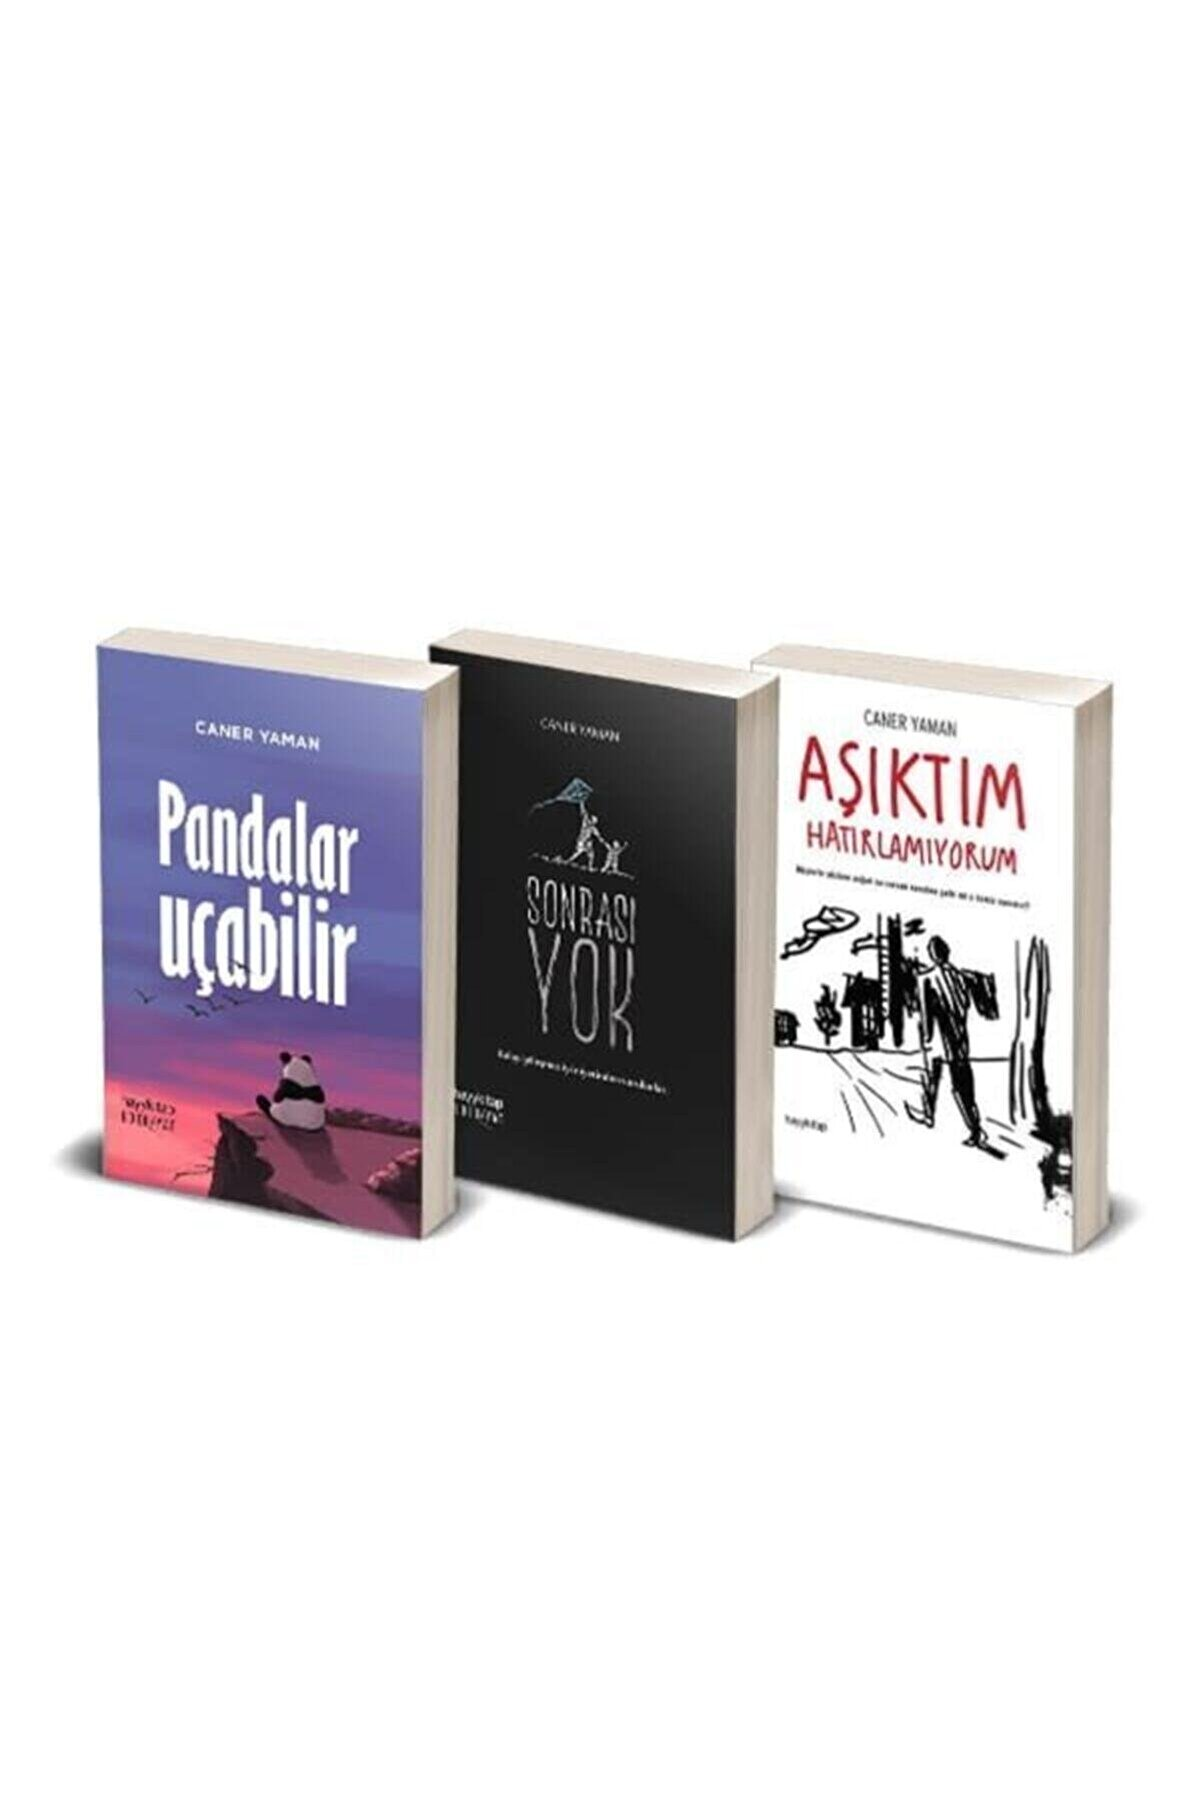 Hayykitap Caner Yaman Seti - 3 Kitap / Pandalar Uçabilir - Aşıktım Hatırlamıyorum - Sonrası Yok